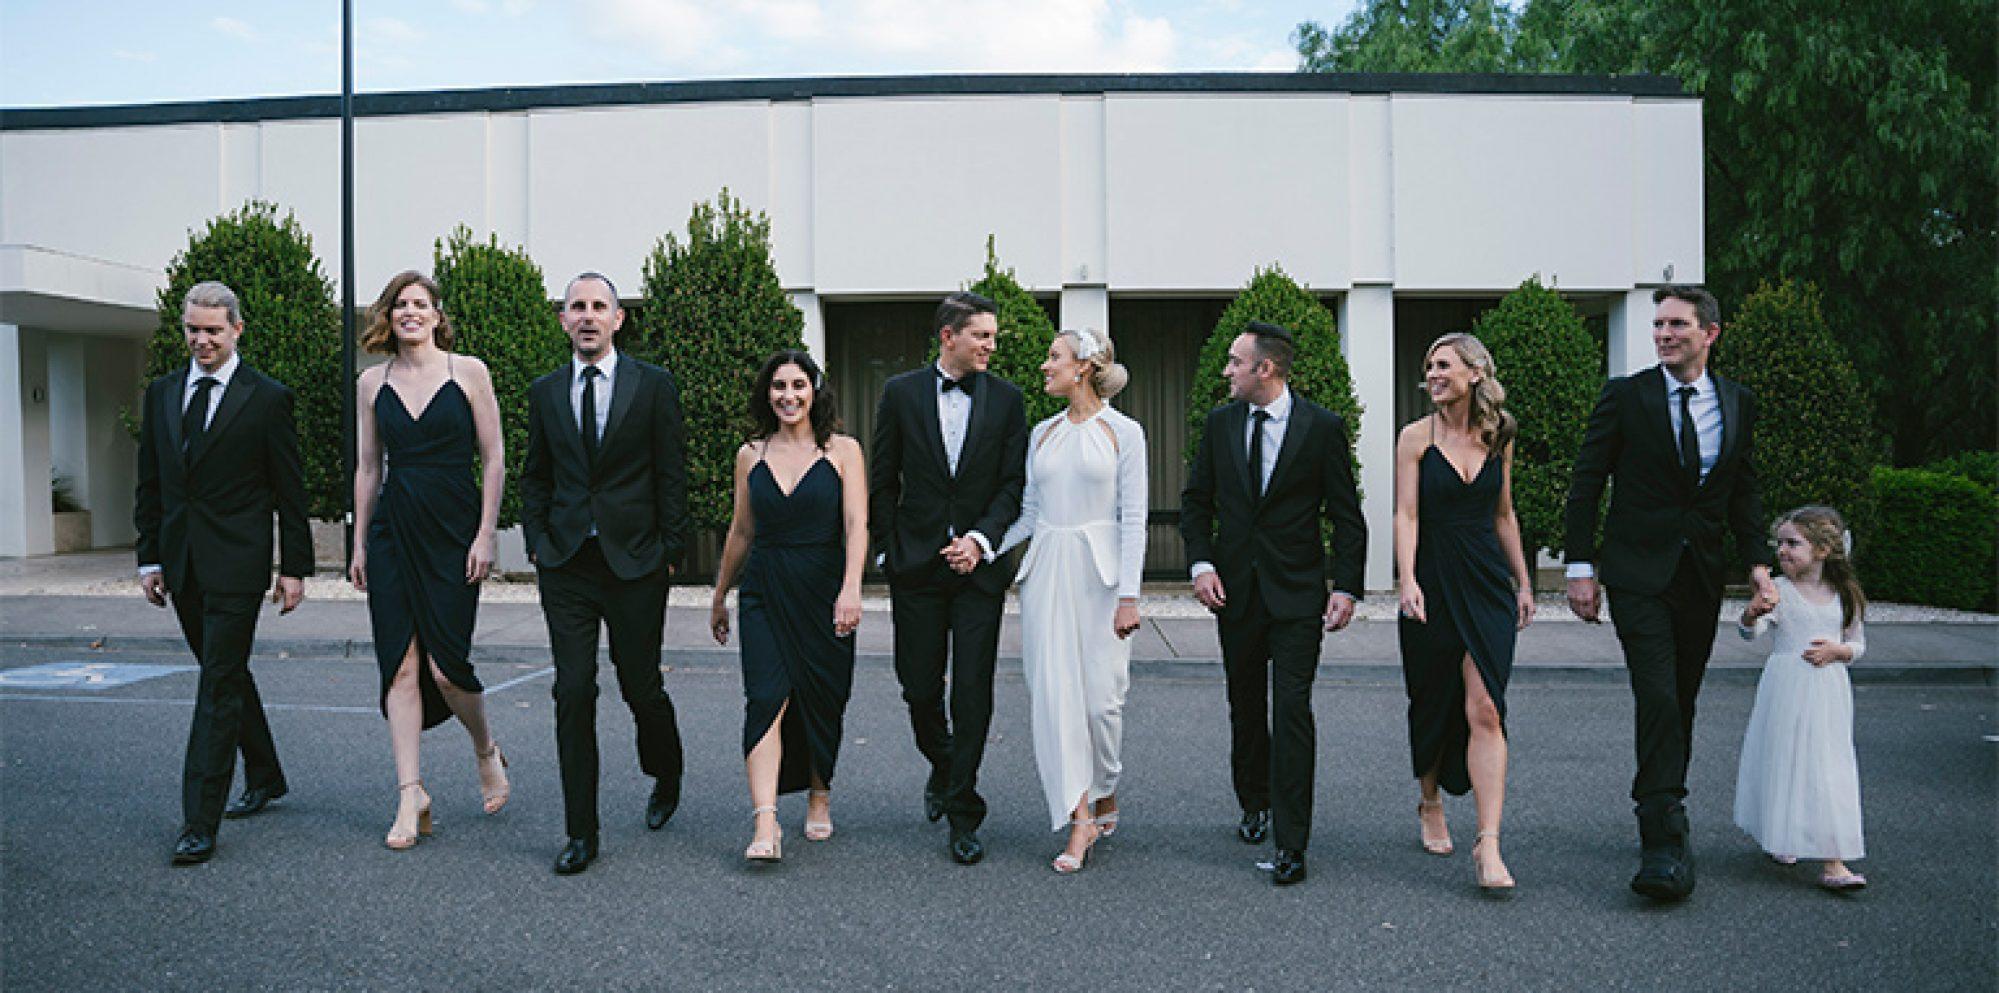 Chloe& william wedding video @ leonda by the yarra